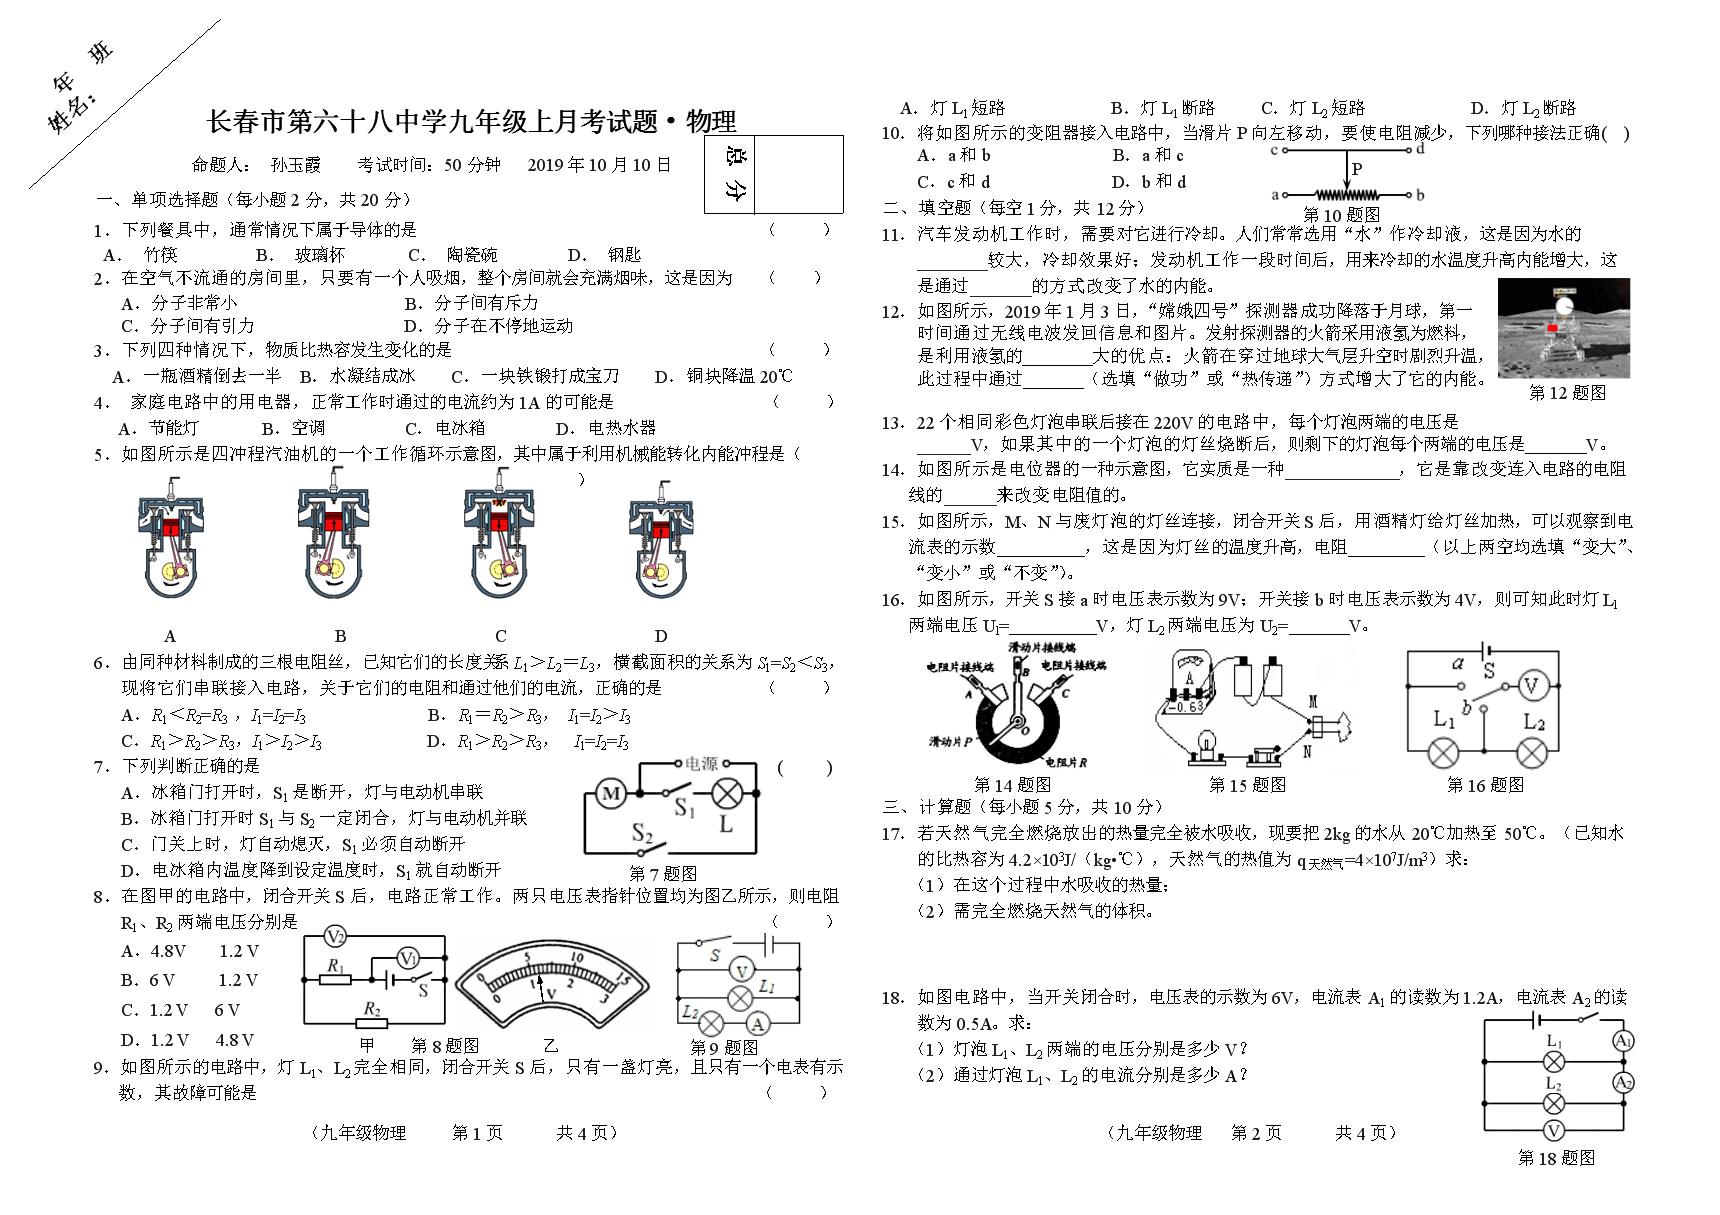 长春市68中学九年第一次物理月考题及答案.docx